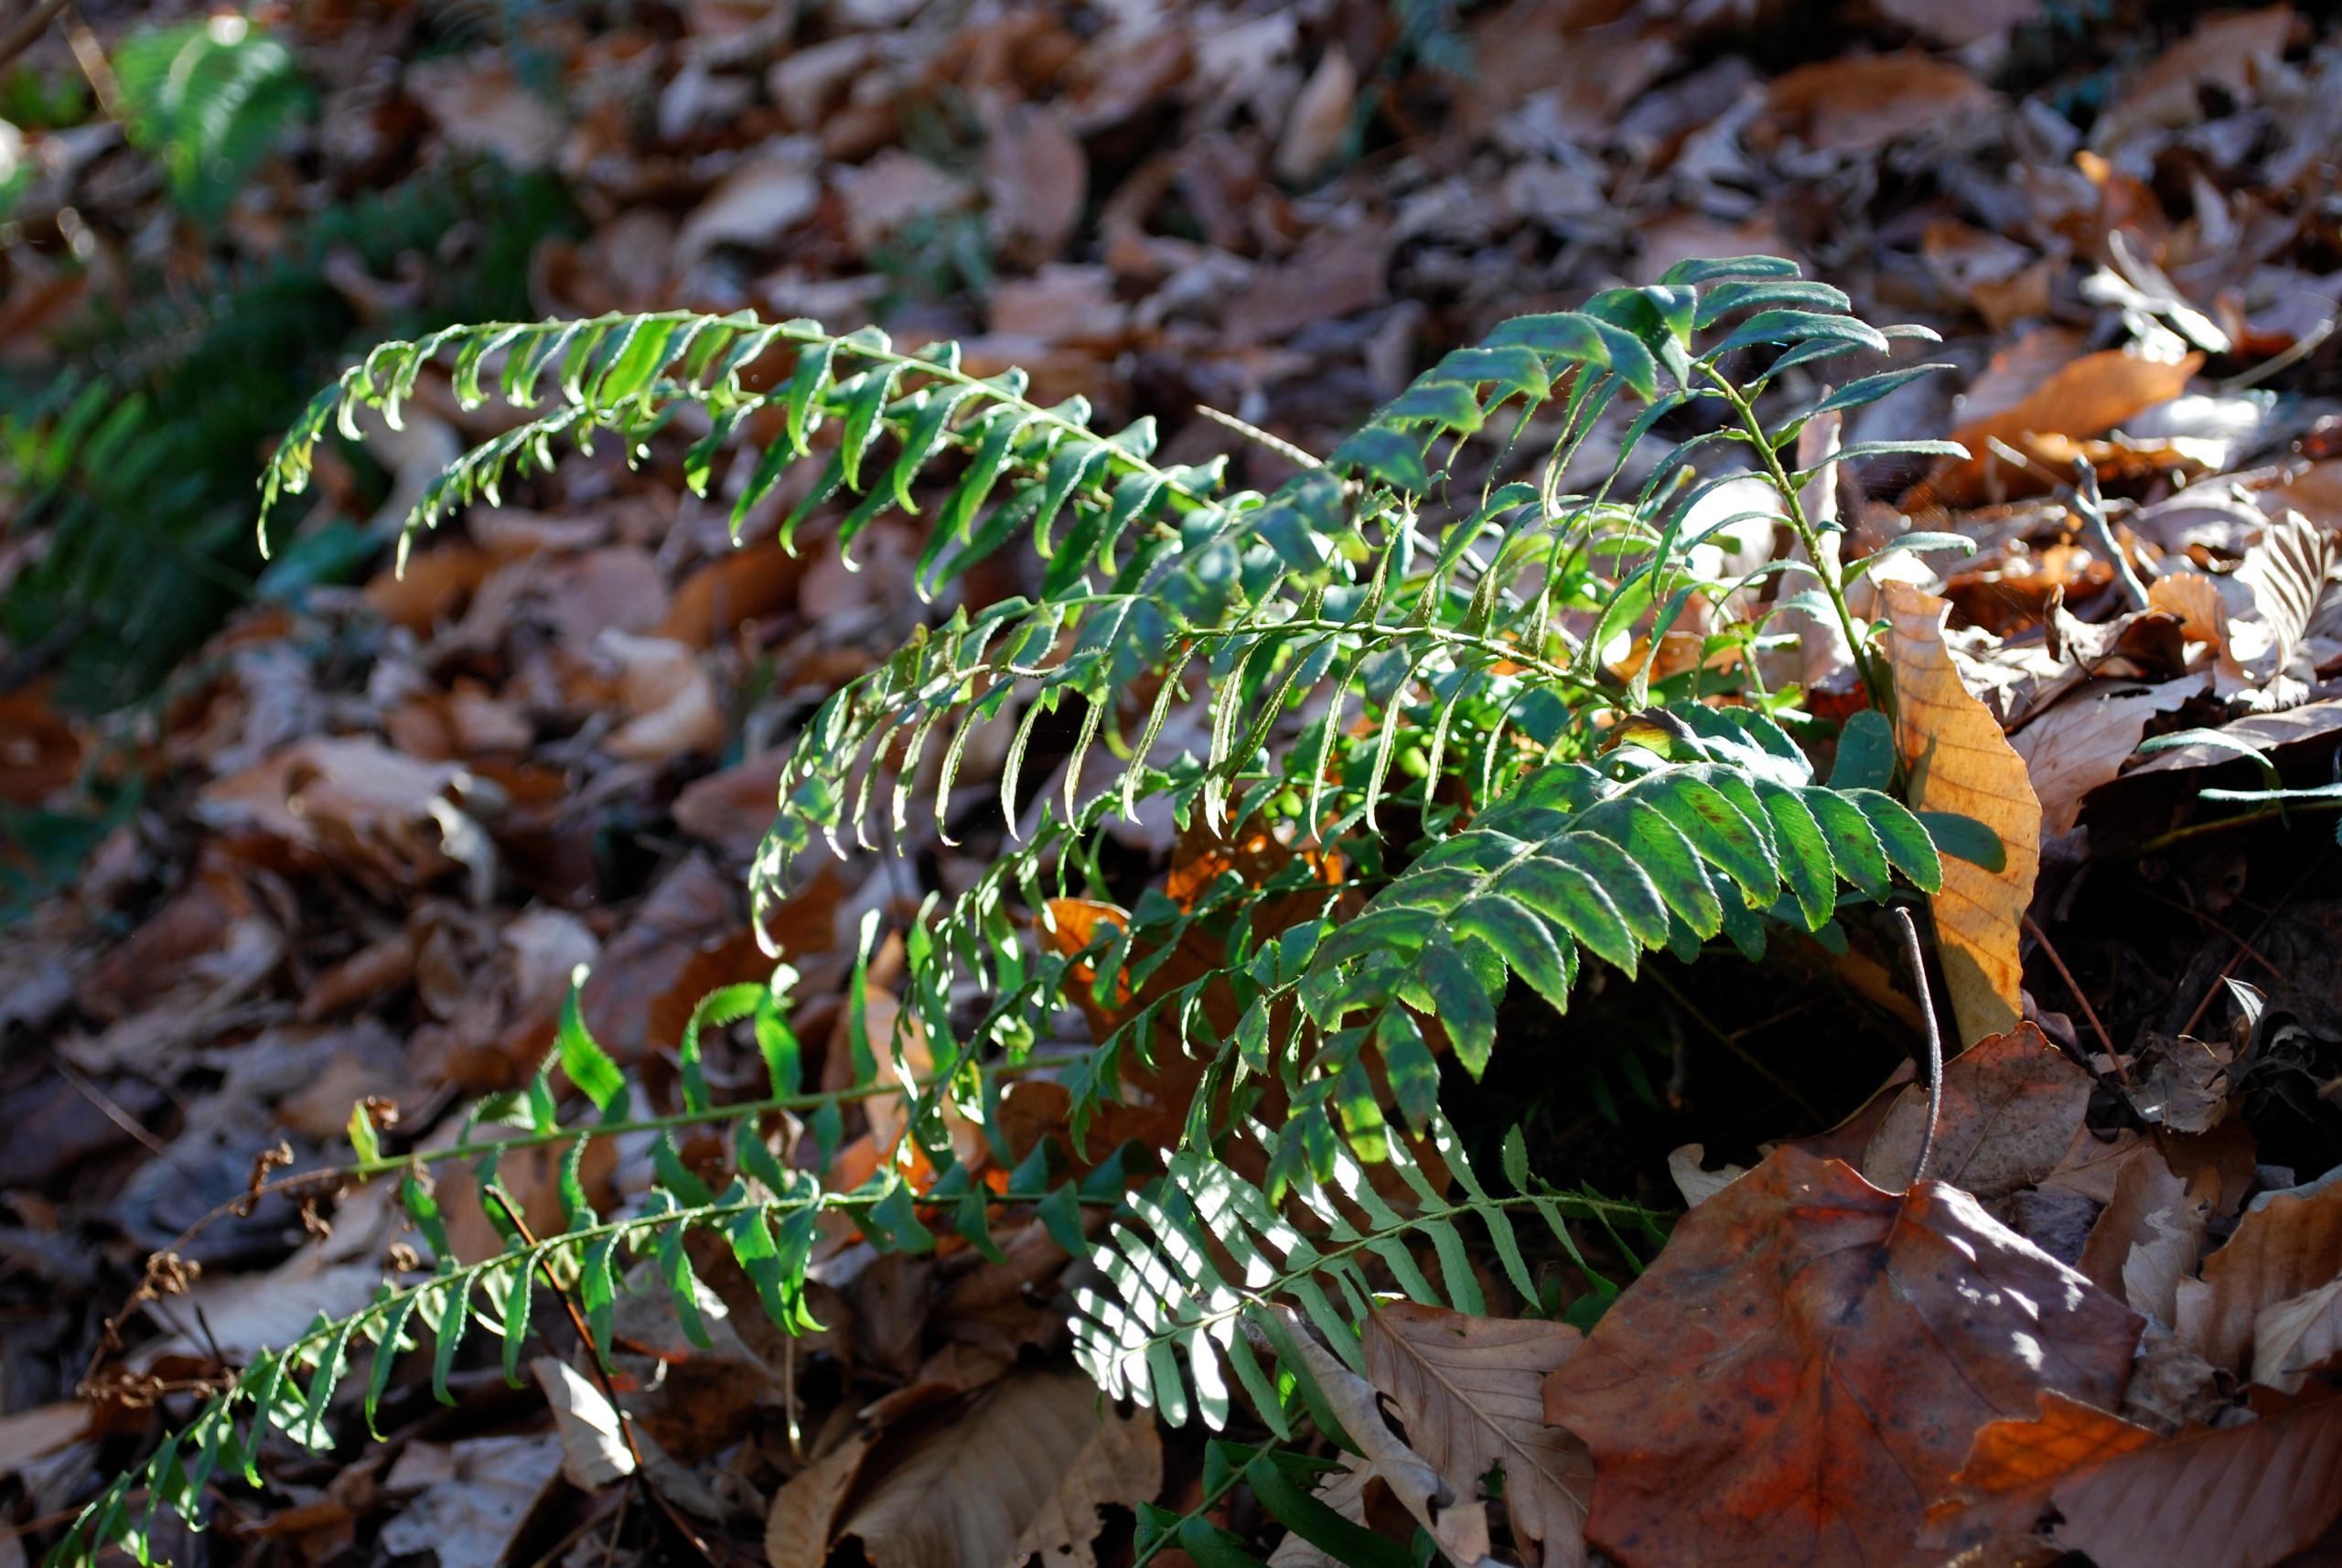 Christmas fern growing in situ